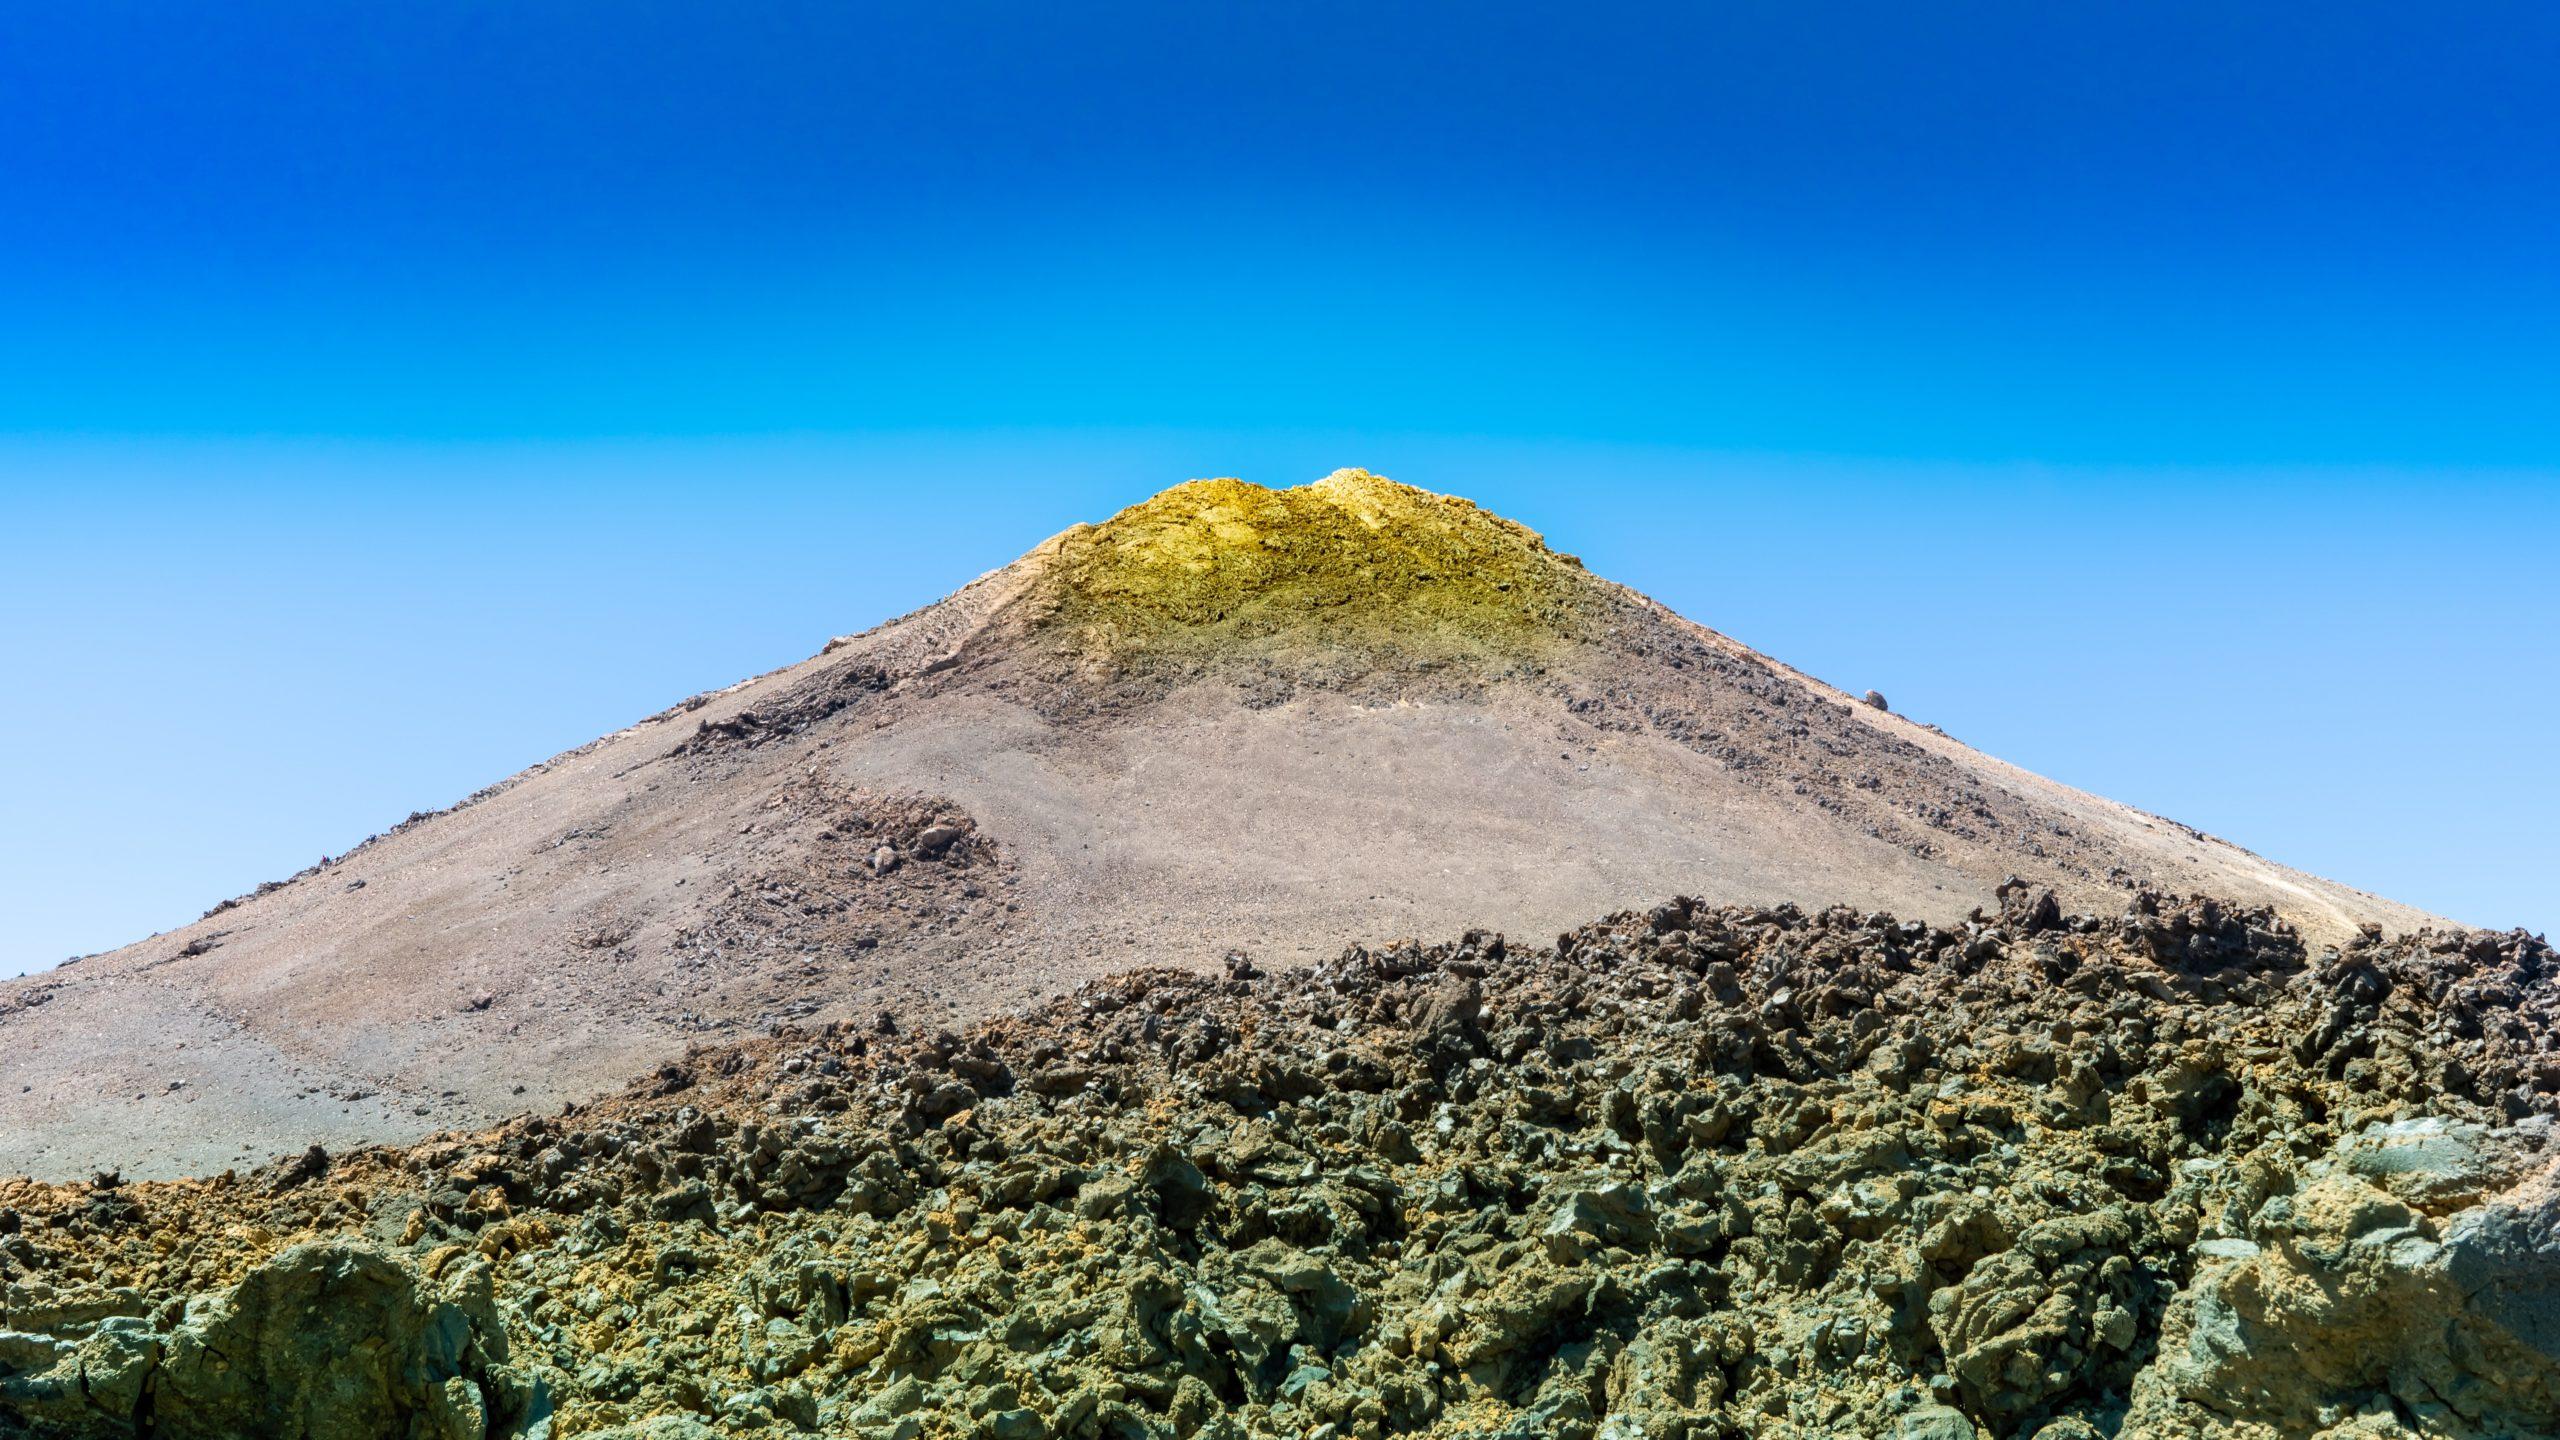 Atlantik, Teneriffa, Pico del Teide